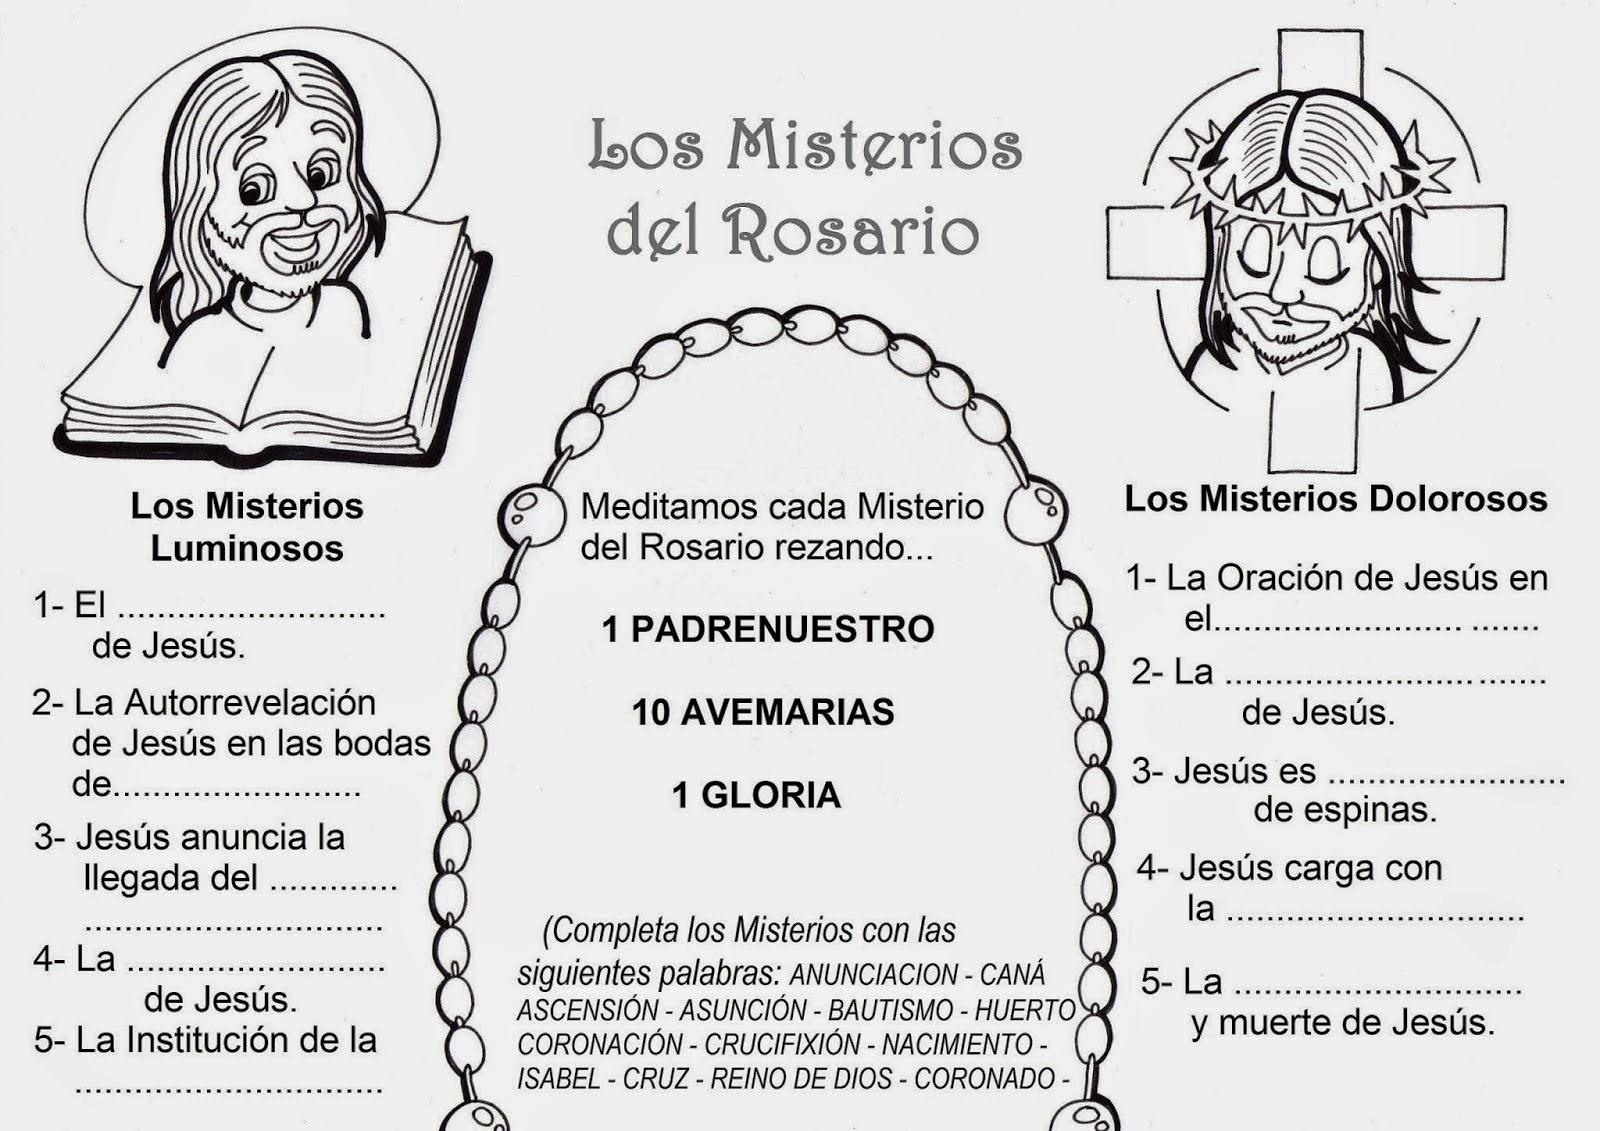 Virgen María, Ruega por Nosotros ®: 05/21/14